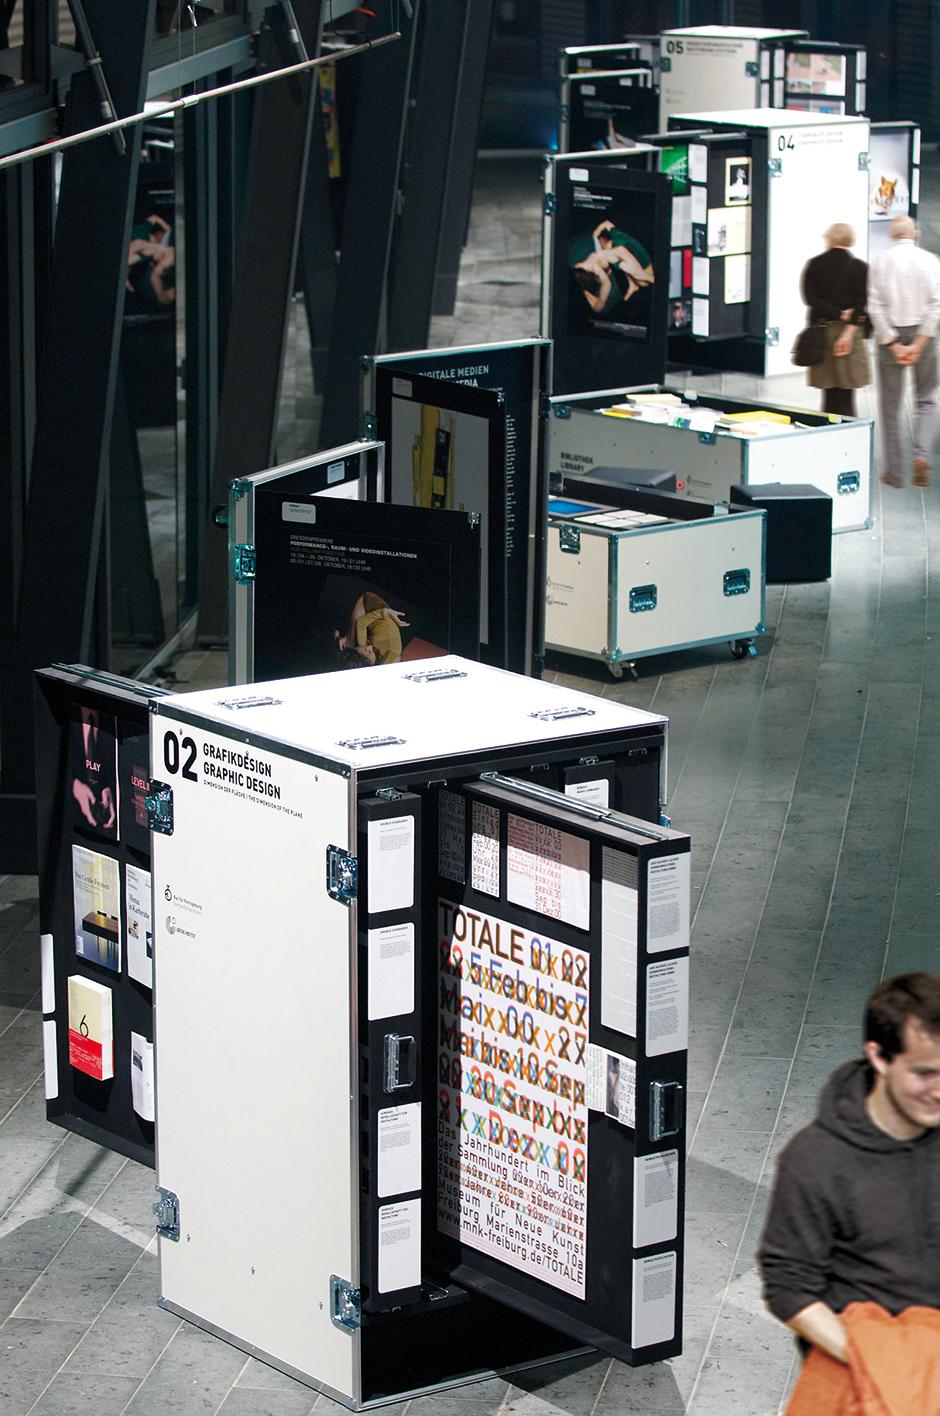 Ausstellungsarchitektur. Mobilen Vitrinen in Form von Industrie Containern.